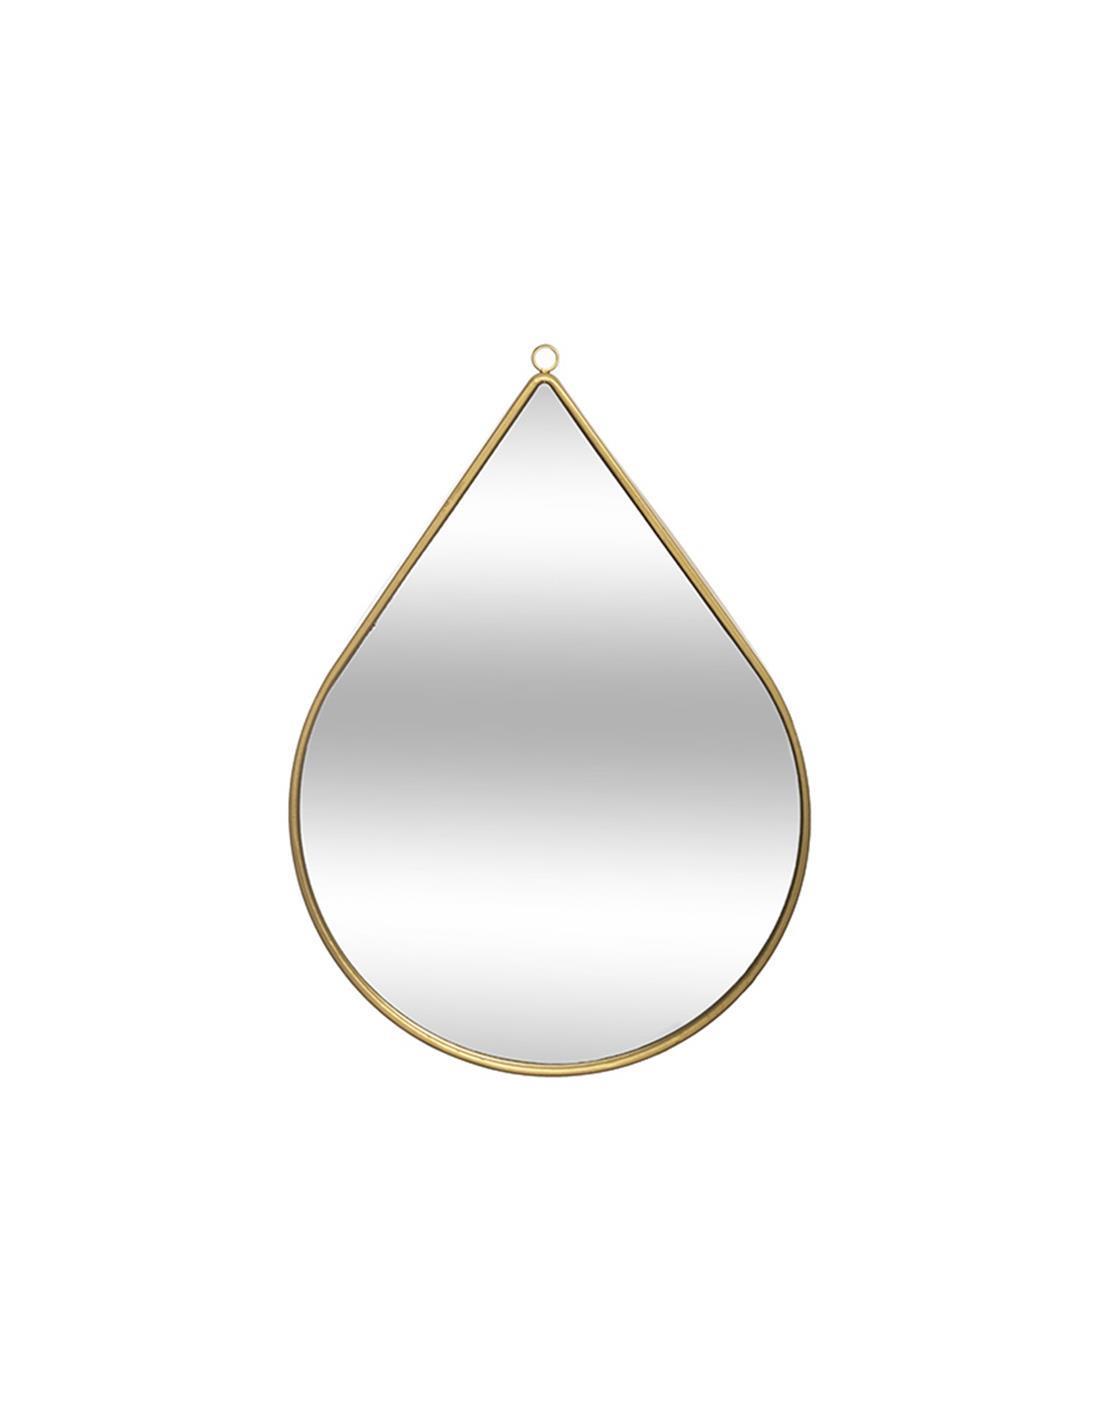 Καθρέπτης τοίχου σταγόνα μεταλλικός χρυσός 21x29cm